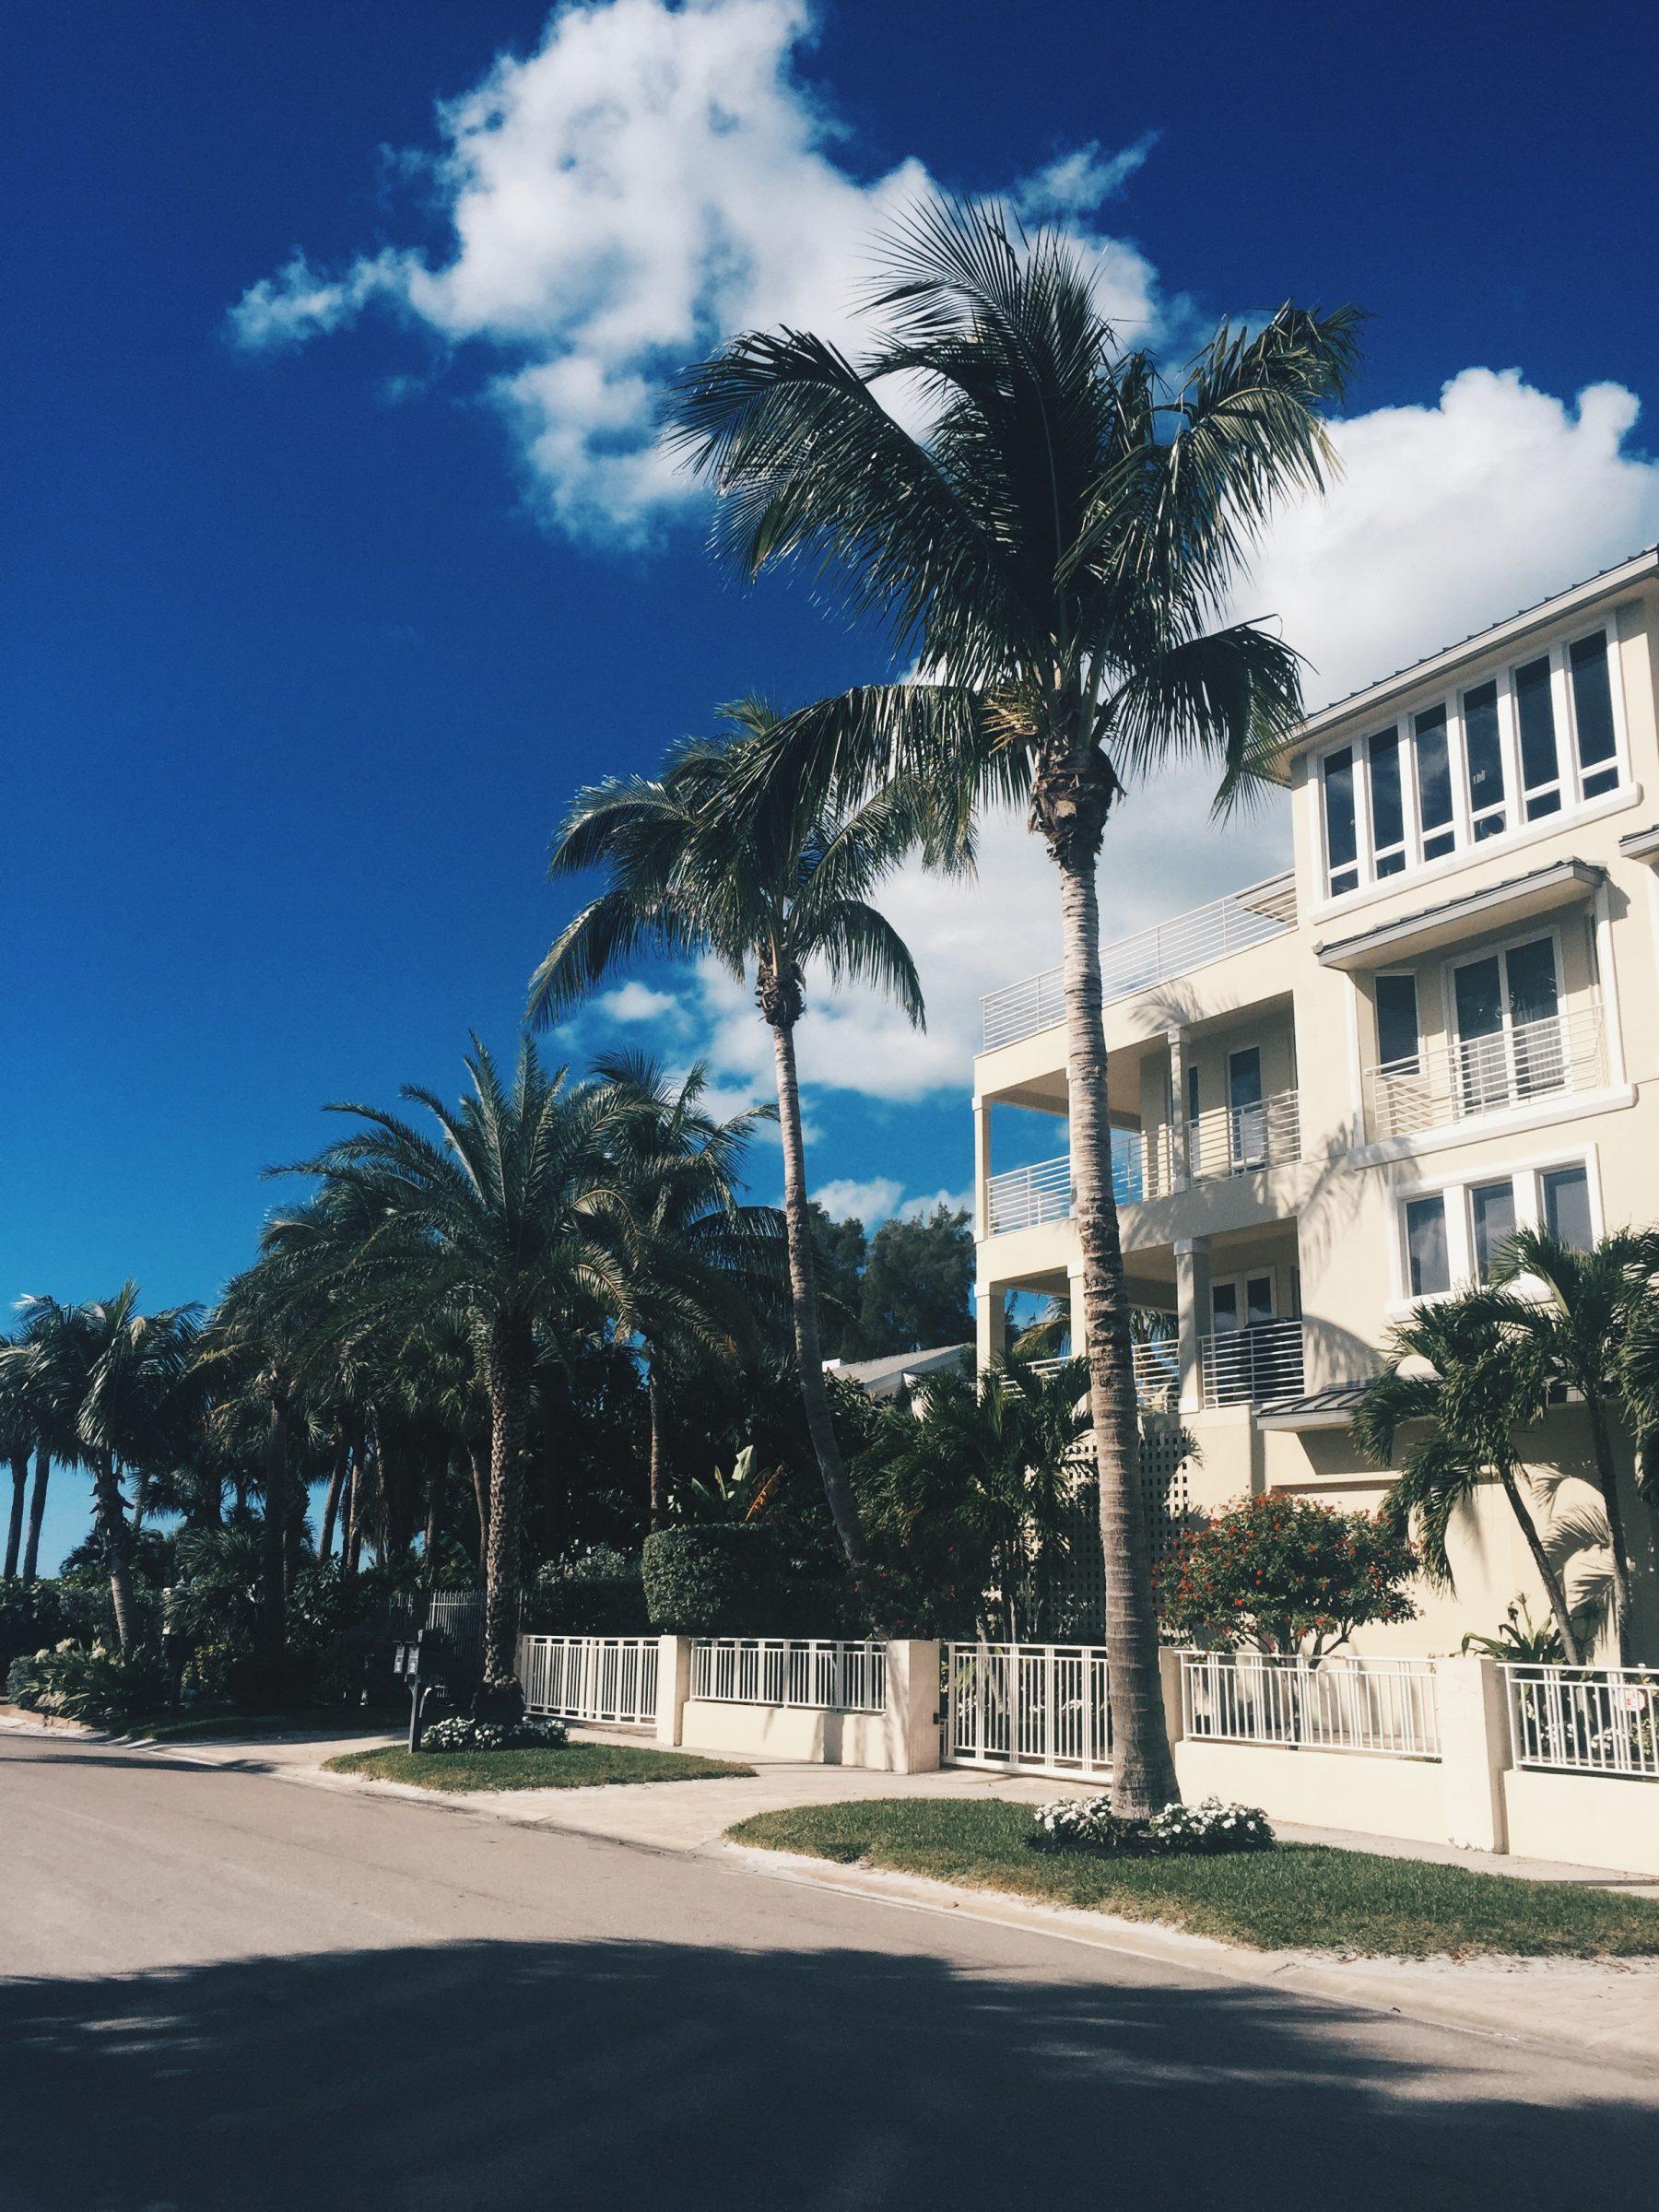 palmtrees_florida_sarasota